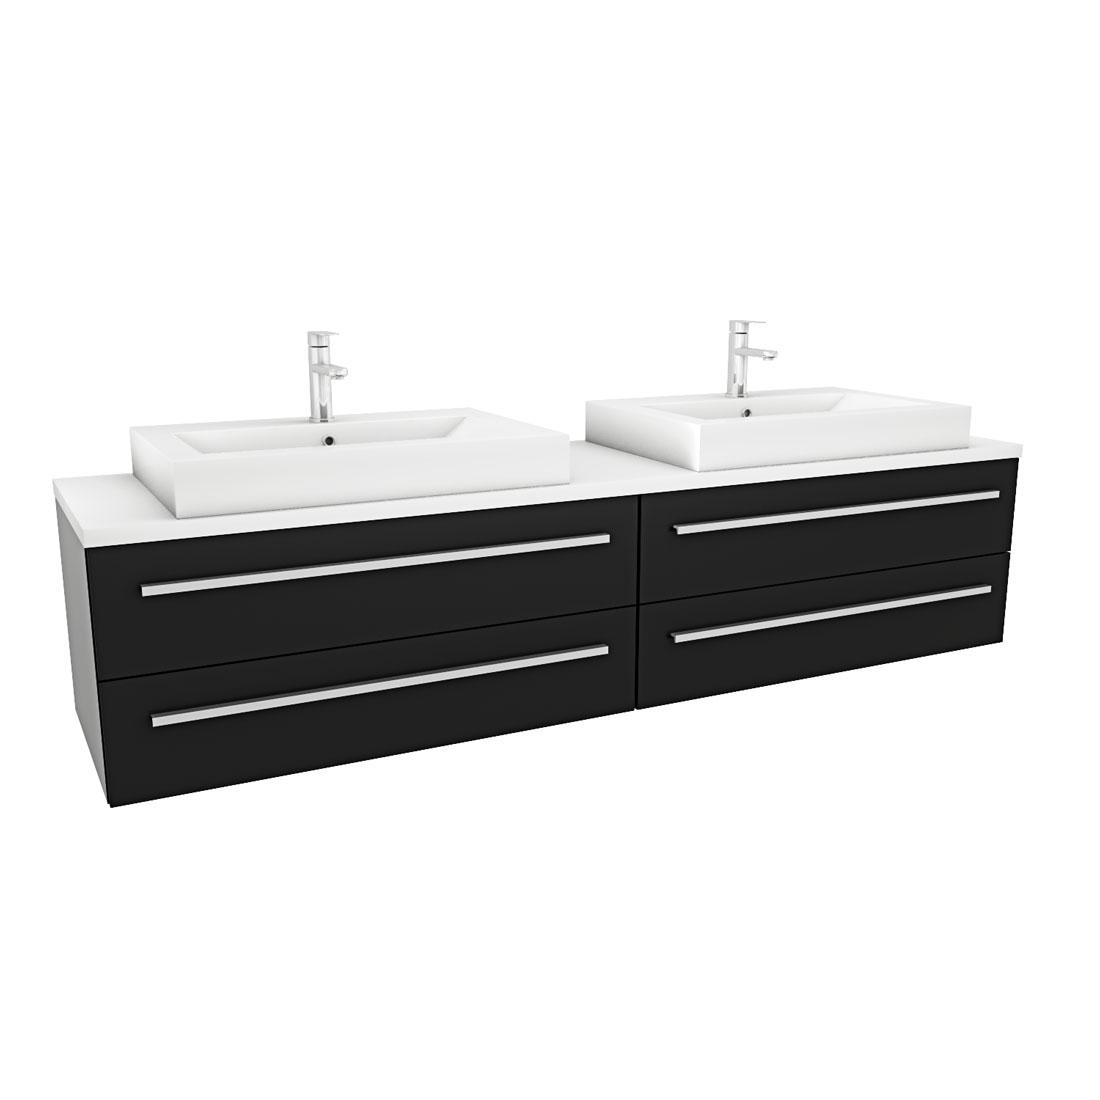 waschtisch mit waschbecken unterschrank city 201 200cm esche schwarz. Black Bedroom Furniture Sets. Home Design Ideas